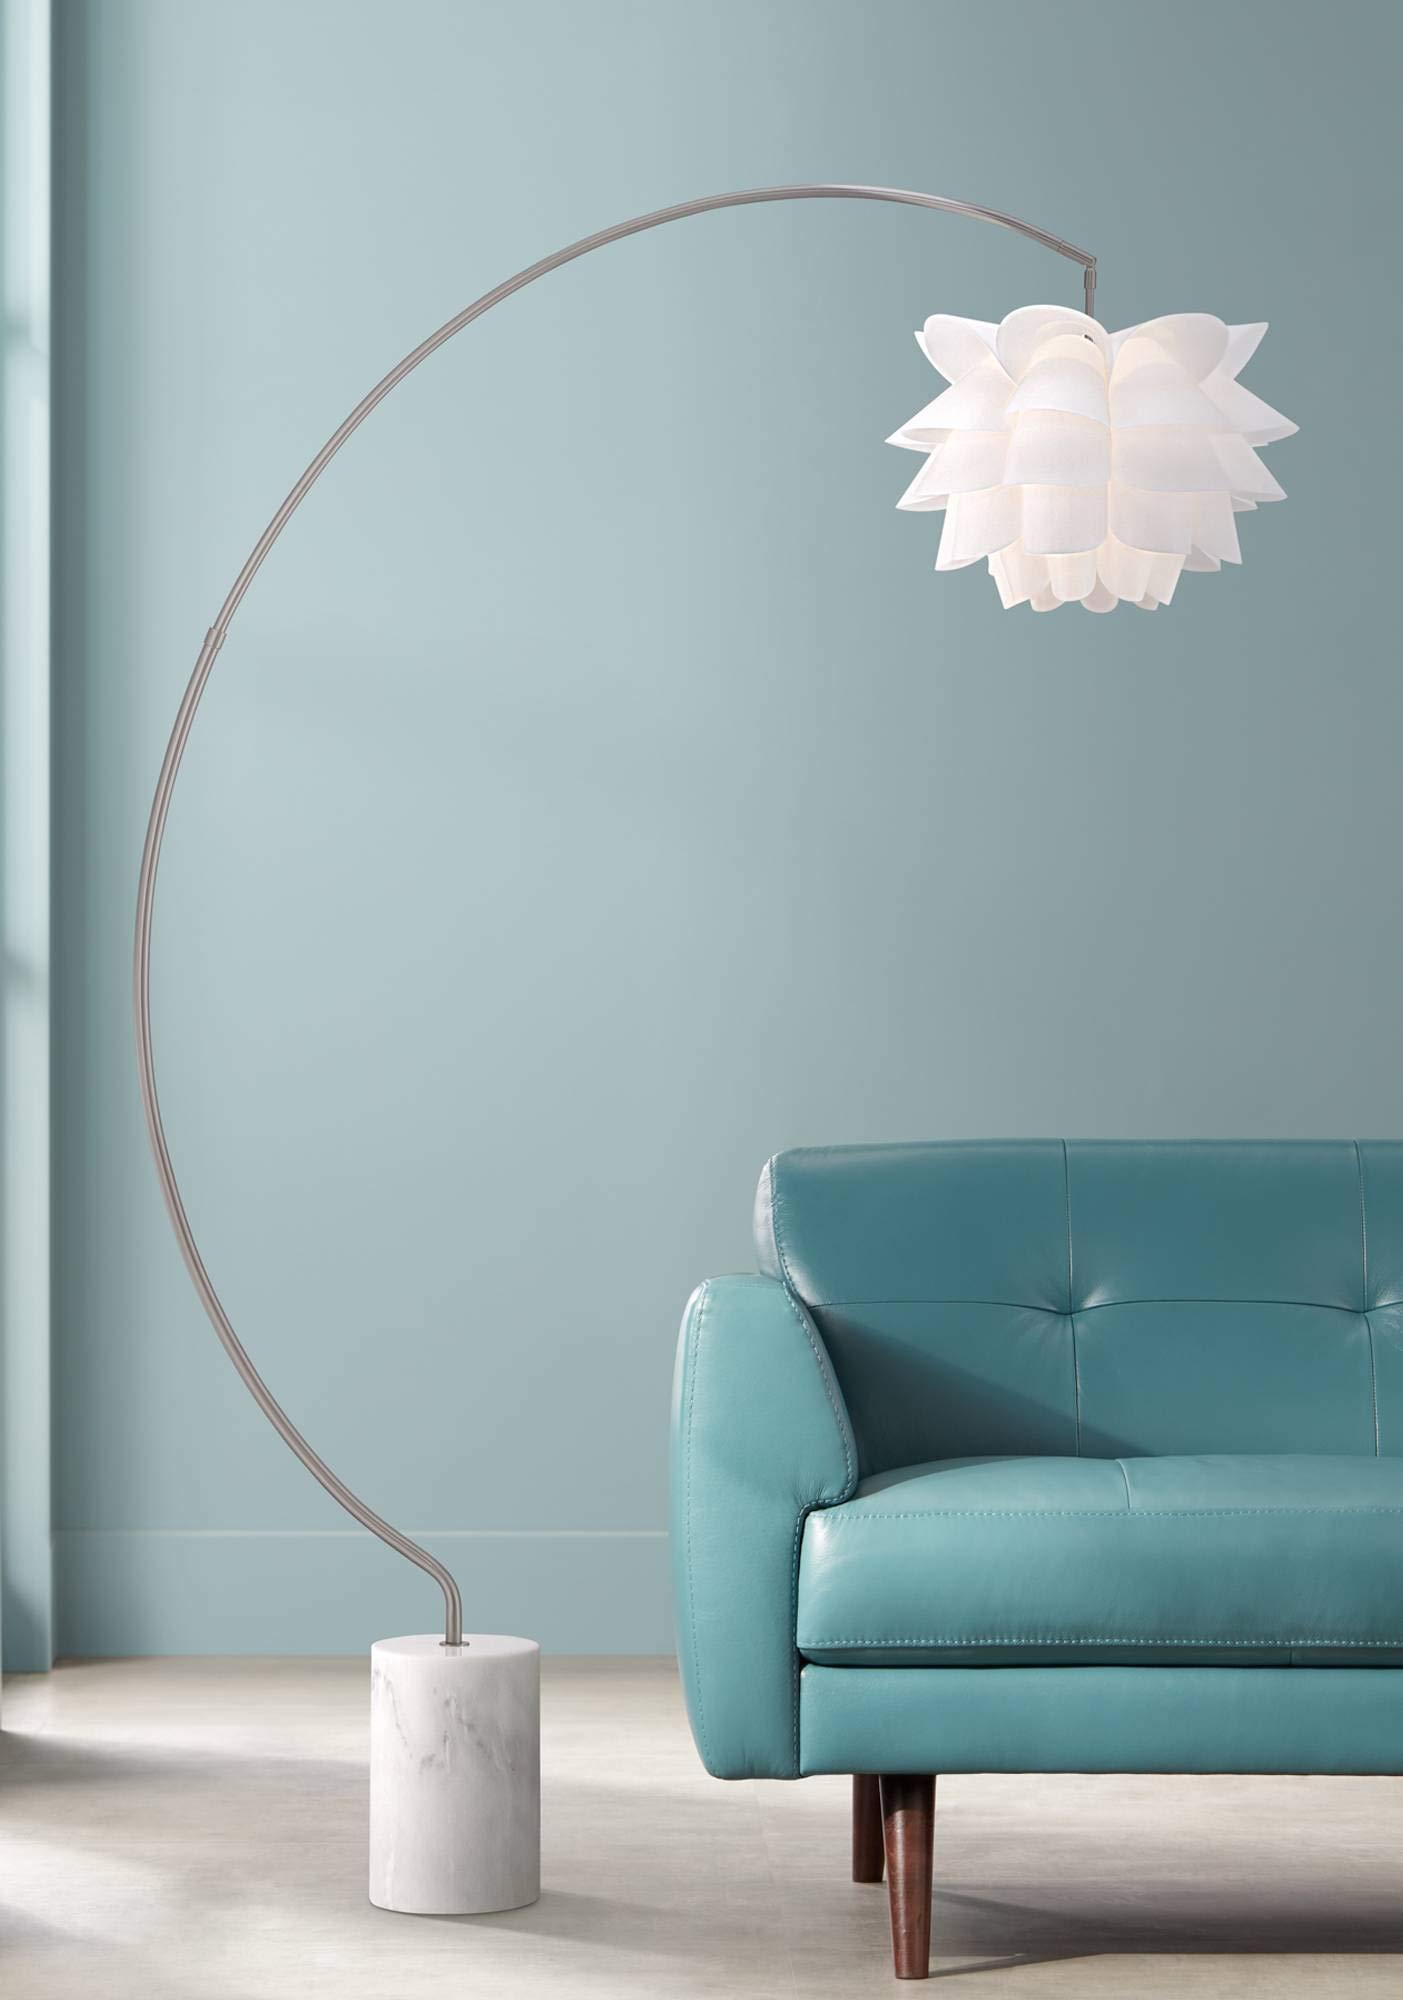 Modern Arc Floor Lamp Satin Nickel White Flower Shade for Living Room Reading Bedroom Office - Possini Euro Design